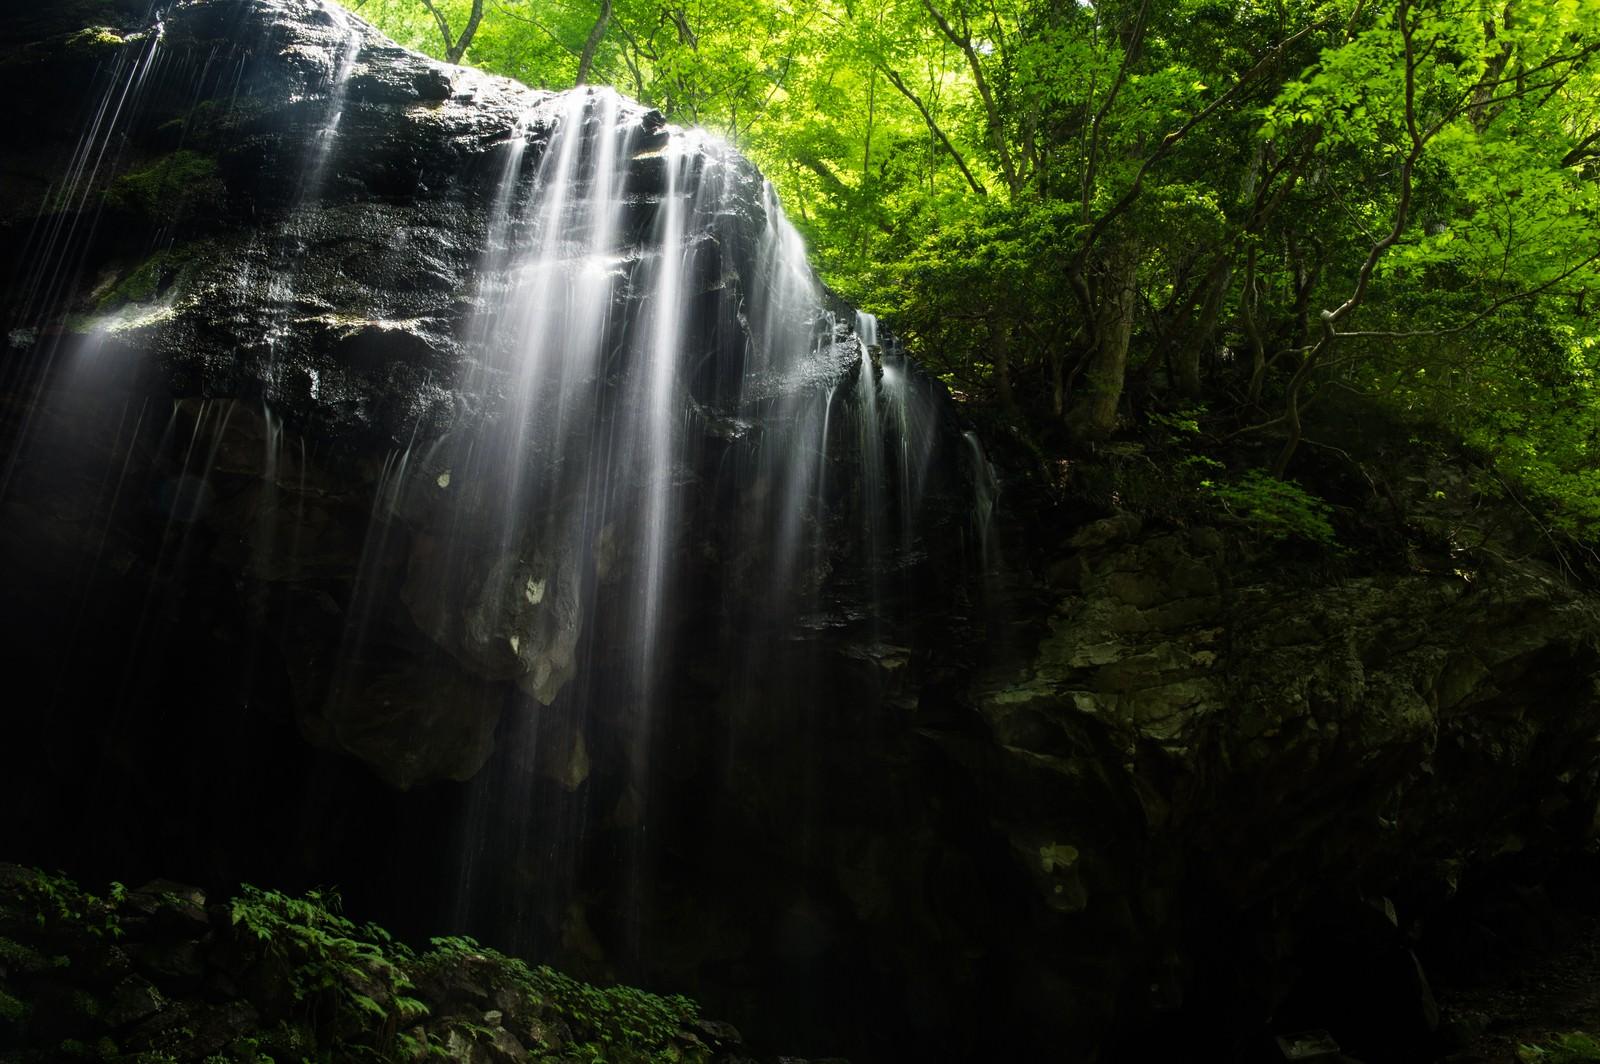 「岡山県鏡野町の観光名所-岩井滝」の写真